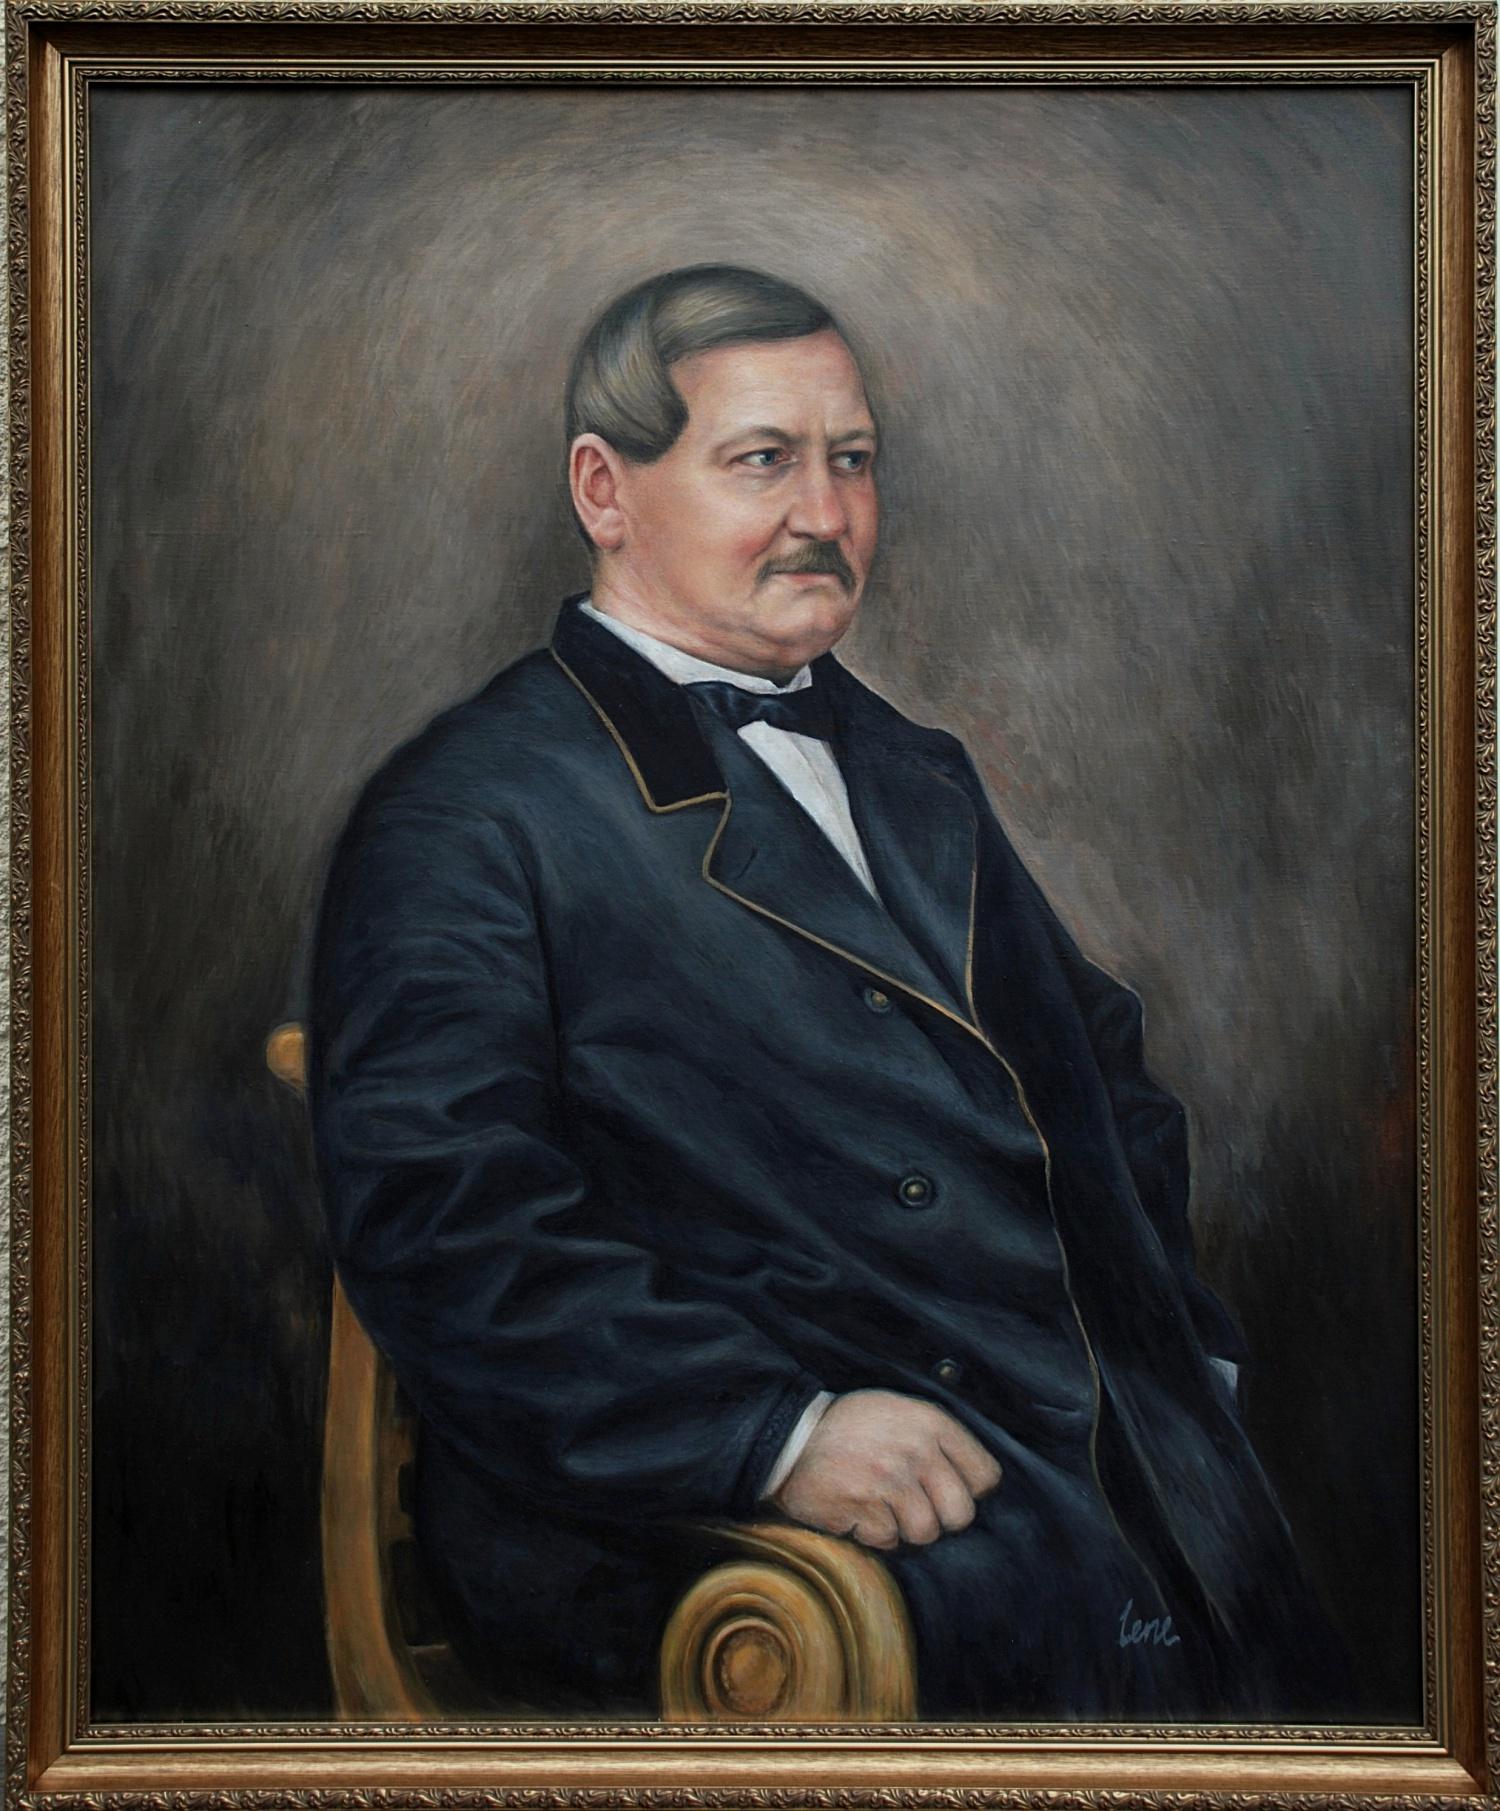 1800-tal porträtt